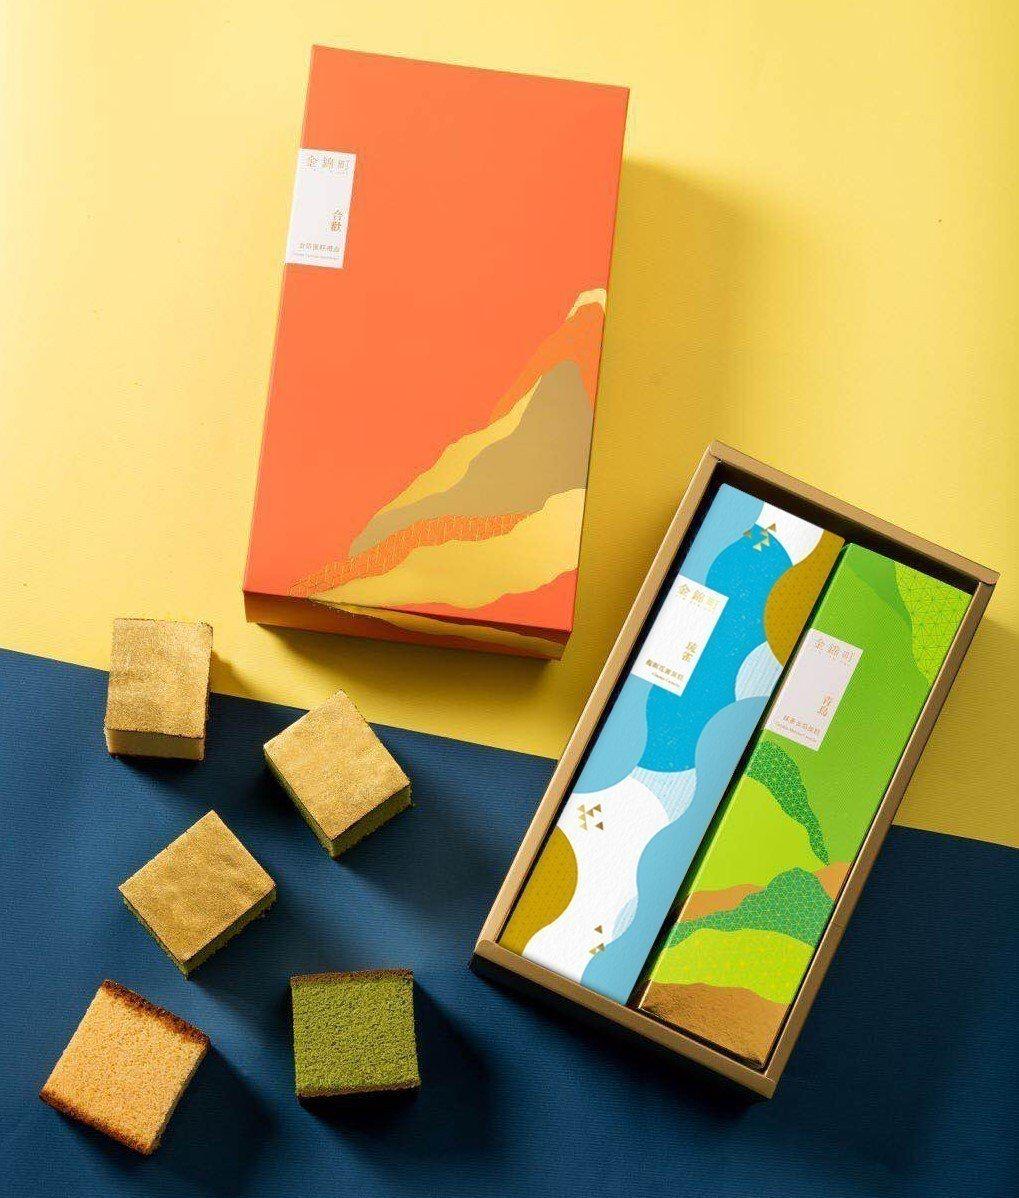 金箔蜂蜜蛋糕&龍眼花蜜蜂蜜蛋糕禮盒(大),售價850元。圖/金錦町提供